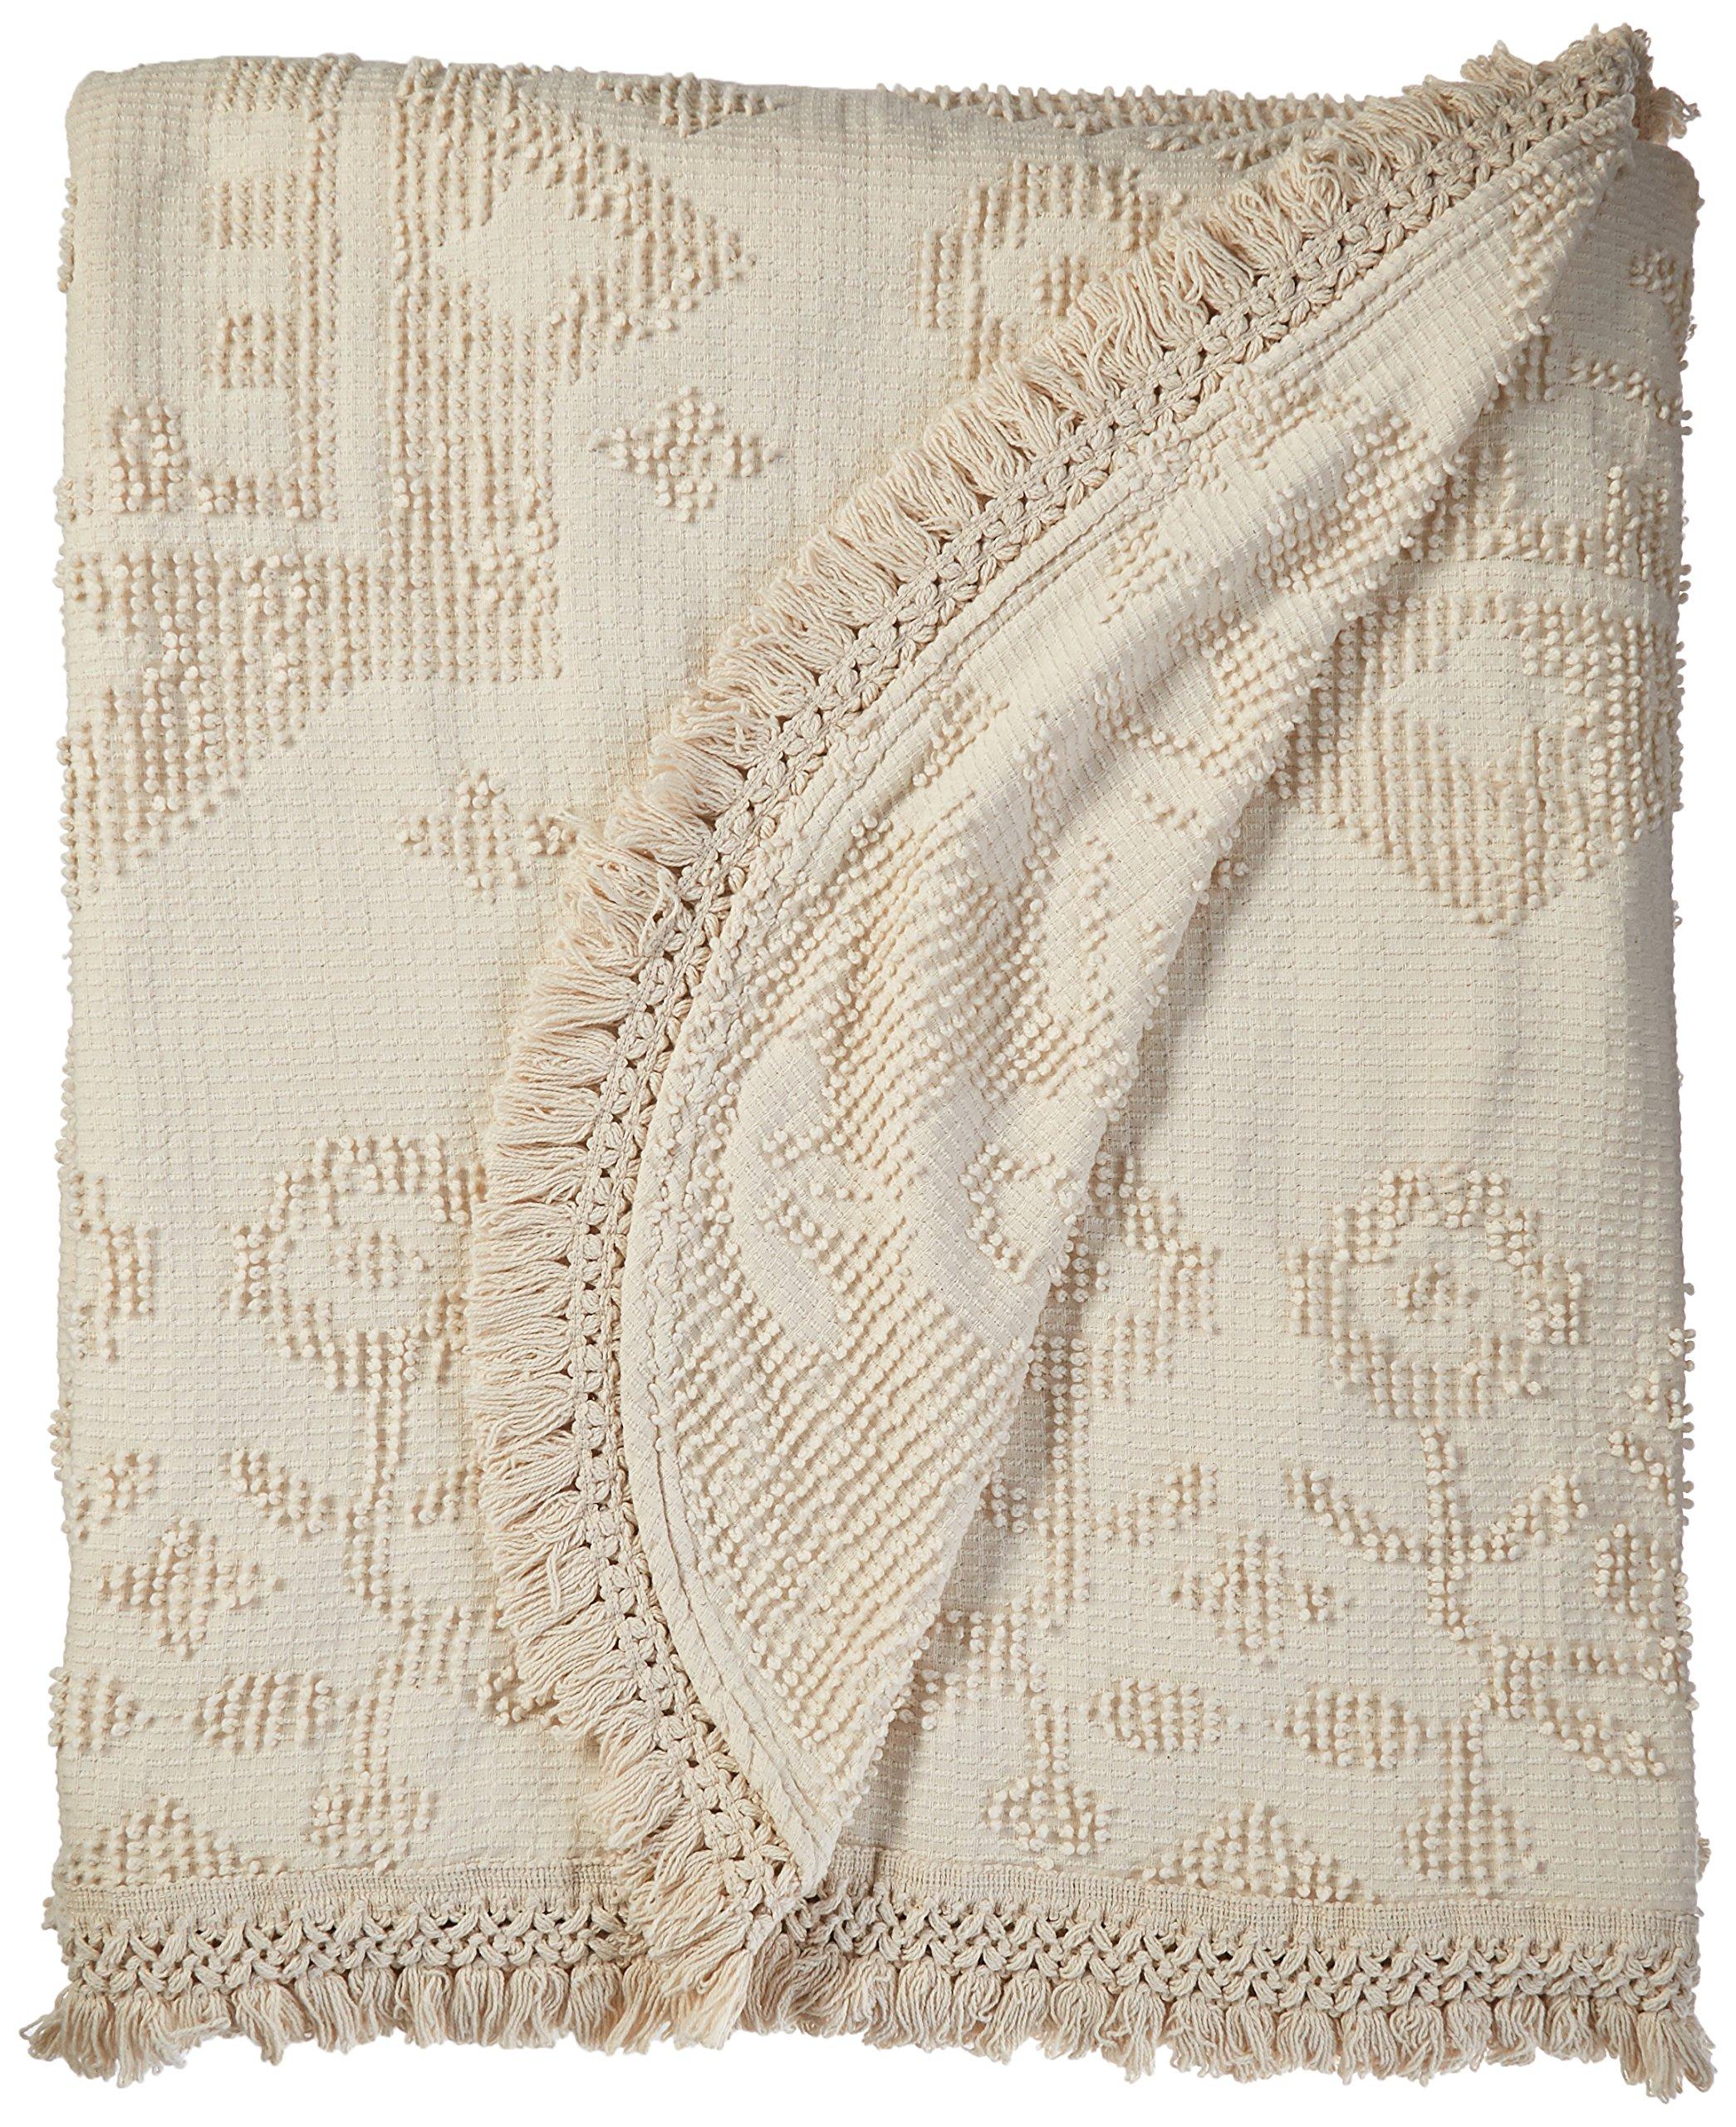 Bed Crochet Pattern Spread Crochet Patterns